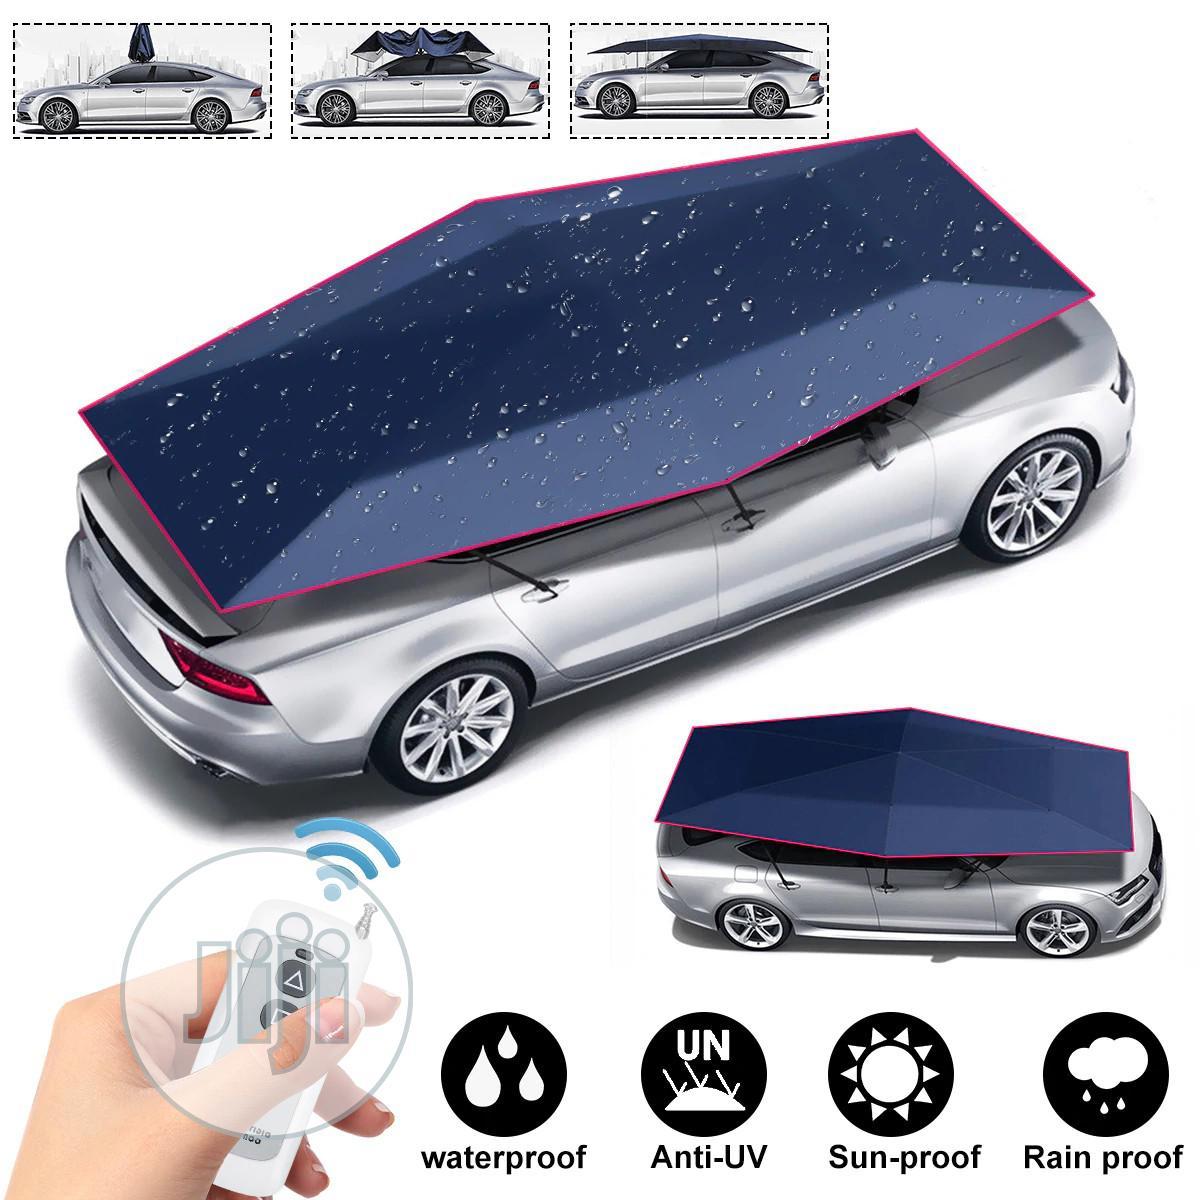 Remote Control Automatic Tent Waterproof Car Umbrella